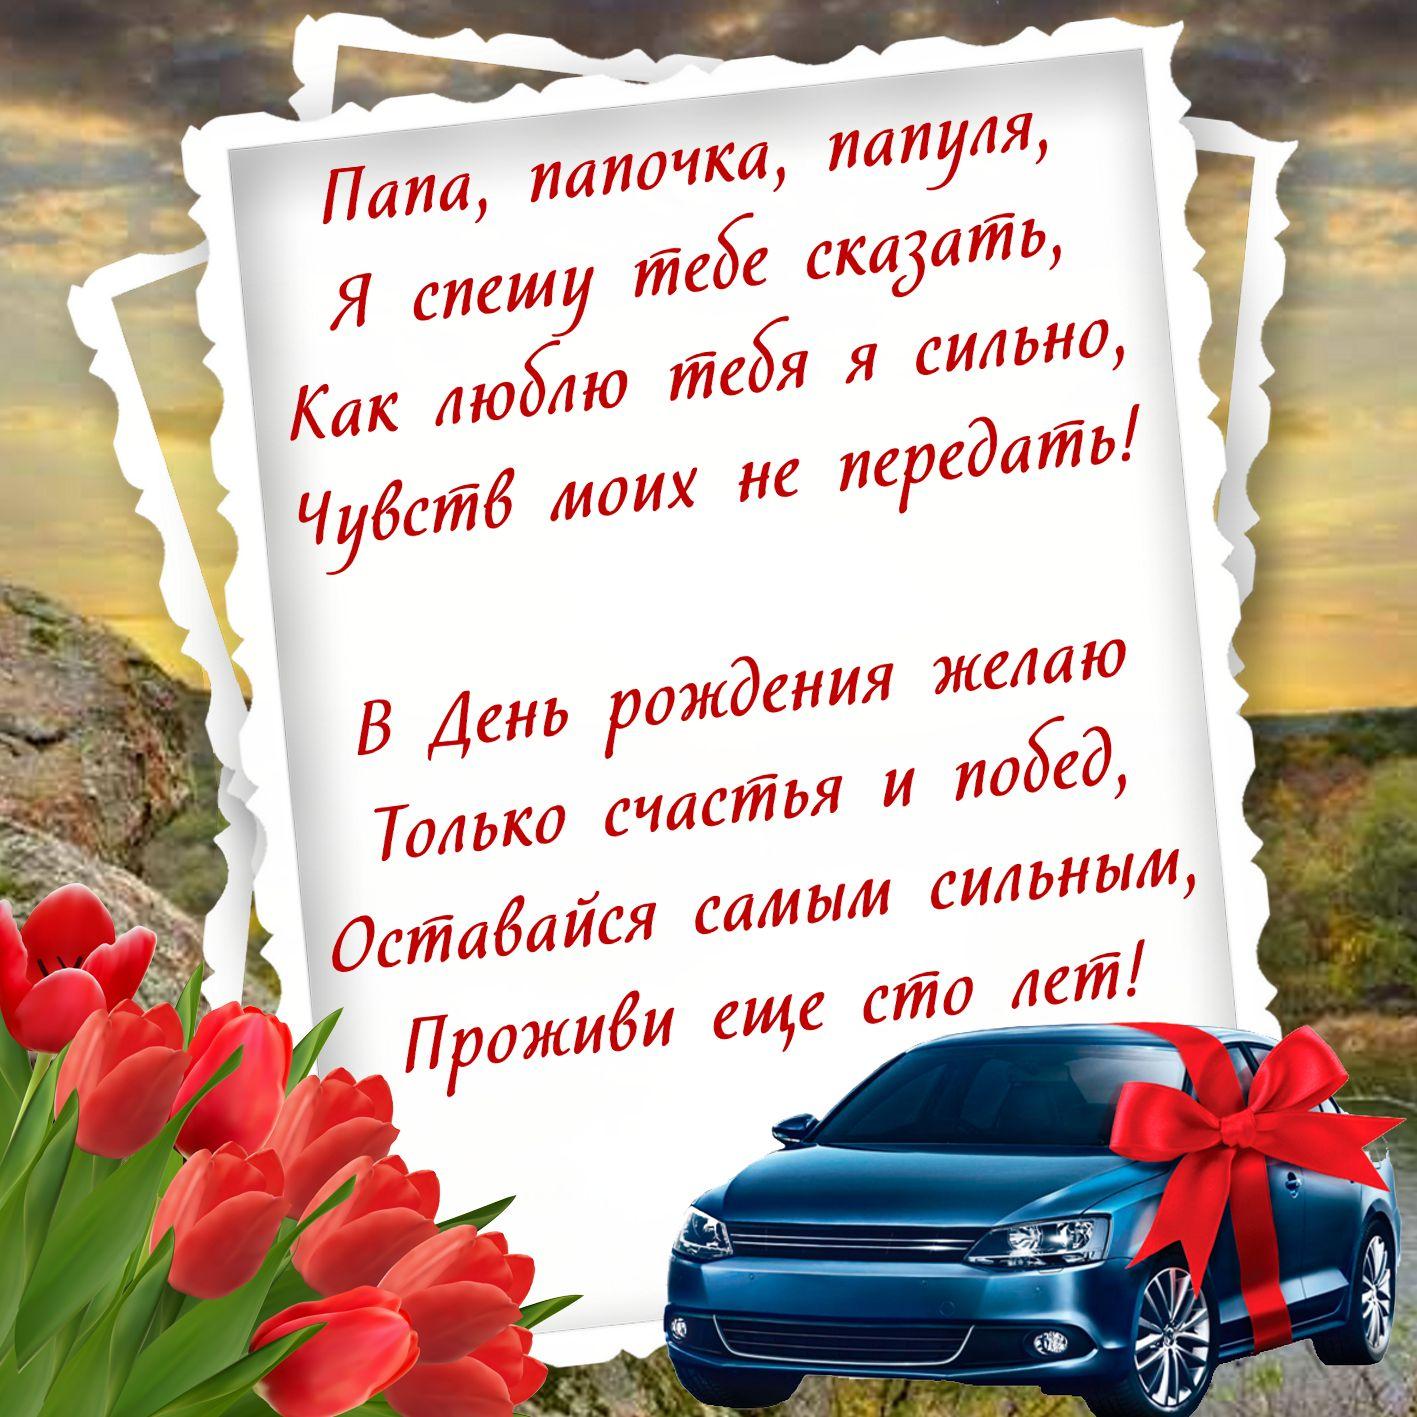 Поздравление с днем рождения отцу открытка, открытка для марта